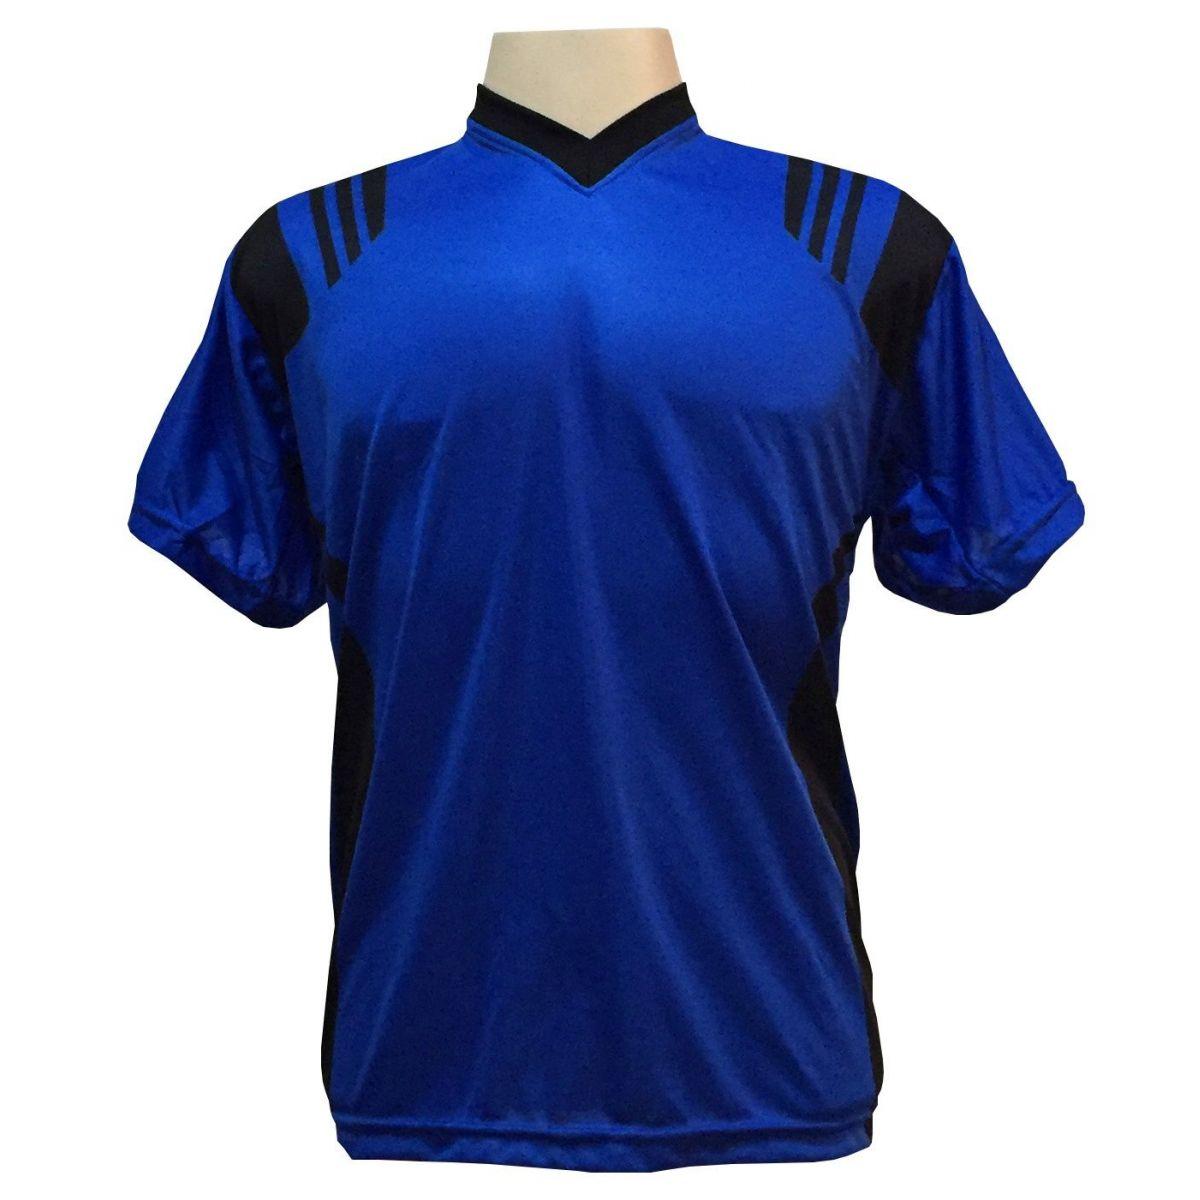 Fardamento Completo Modelo Roma 12+1 (12 Camisas Royal/Preto + 12 Calções Royal + 12 Pares de Meiões Royal + 1 Conjunto de Goleiro) + Brindes